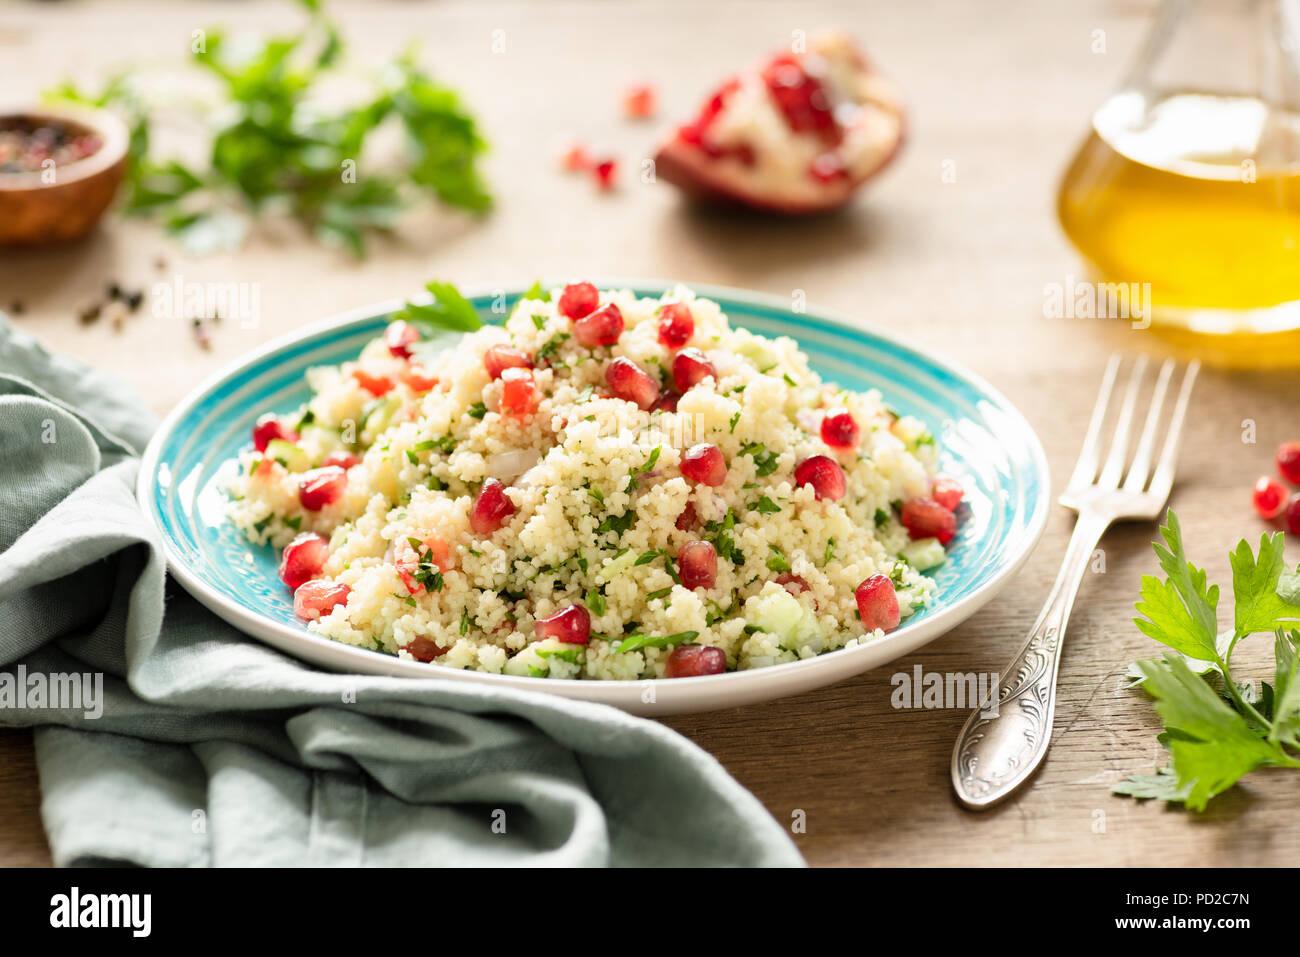 Taboulé, salade de couscous moyen-orientale à la grenade, le persil, le concombre sur plaque turquoise authentique. Repas végétarien Banque D'Images